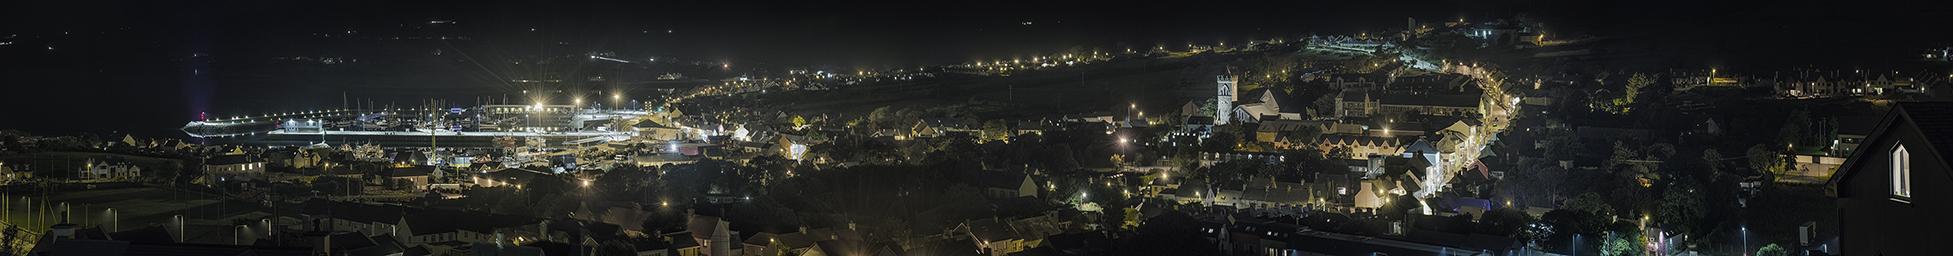 17 image stitched panorama